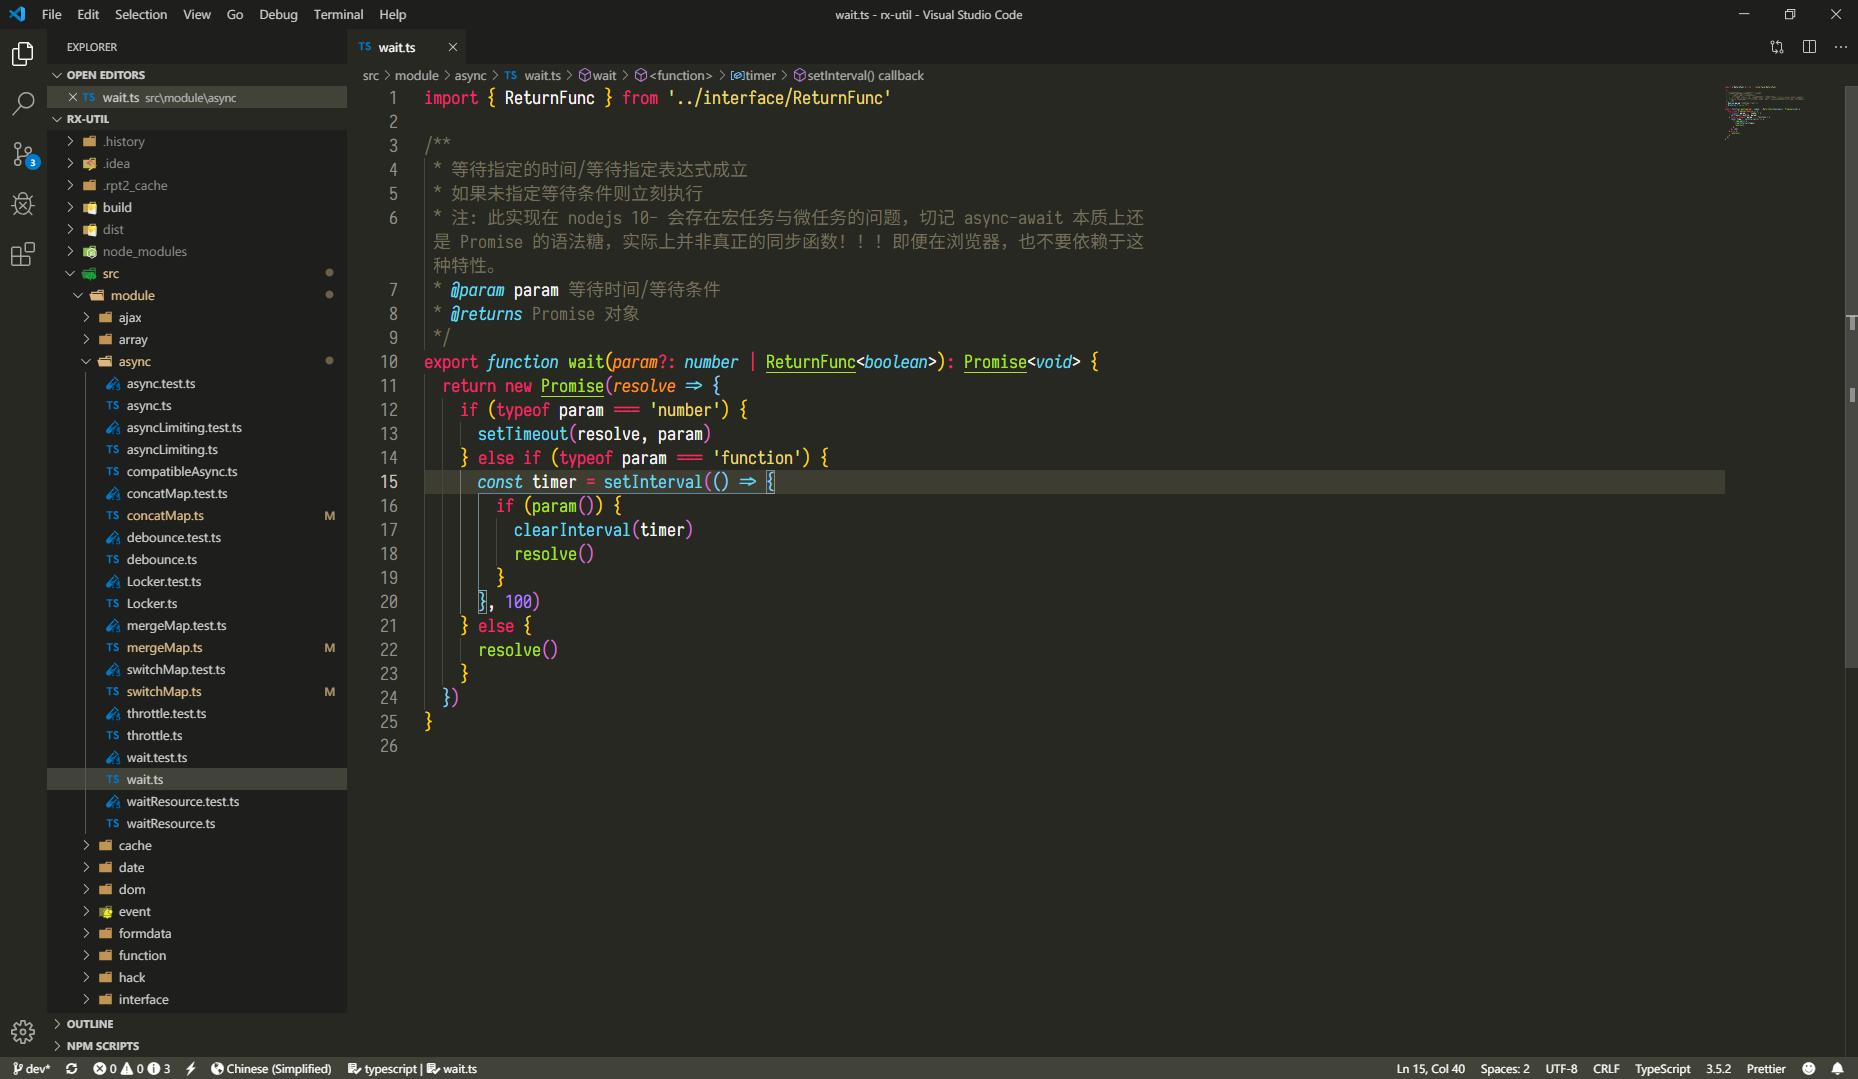 VSCode 主界面